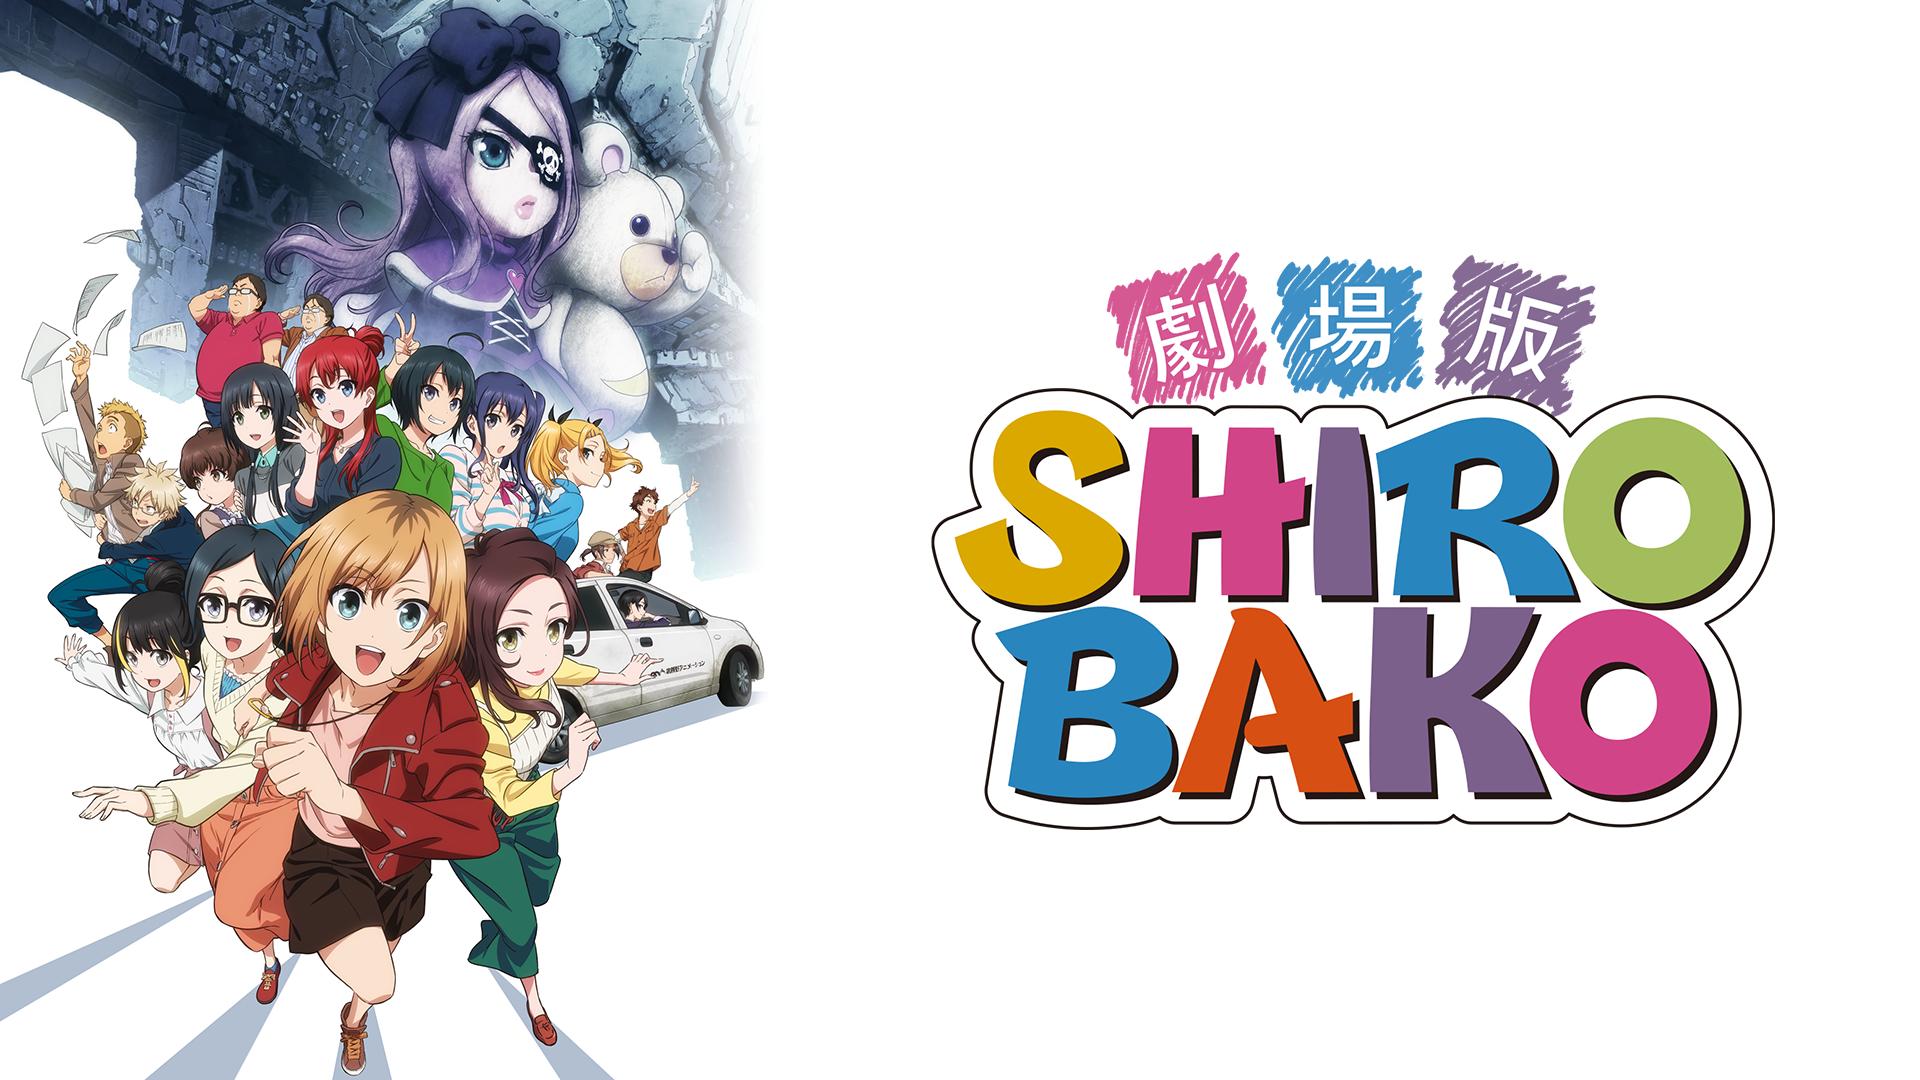 映画『劇場版 SHIROBAKO』無料動画!フル視聴できる方法を調査!おすすめ動画配信サービスは?